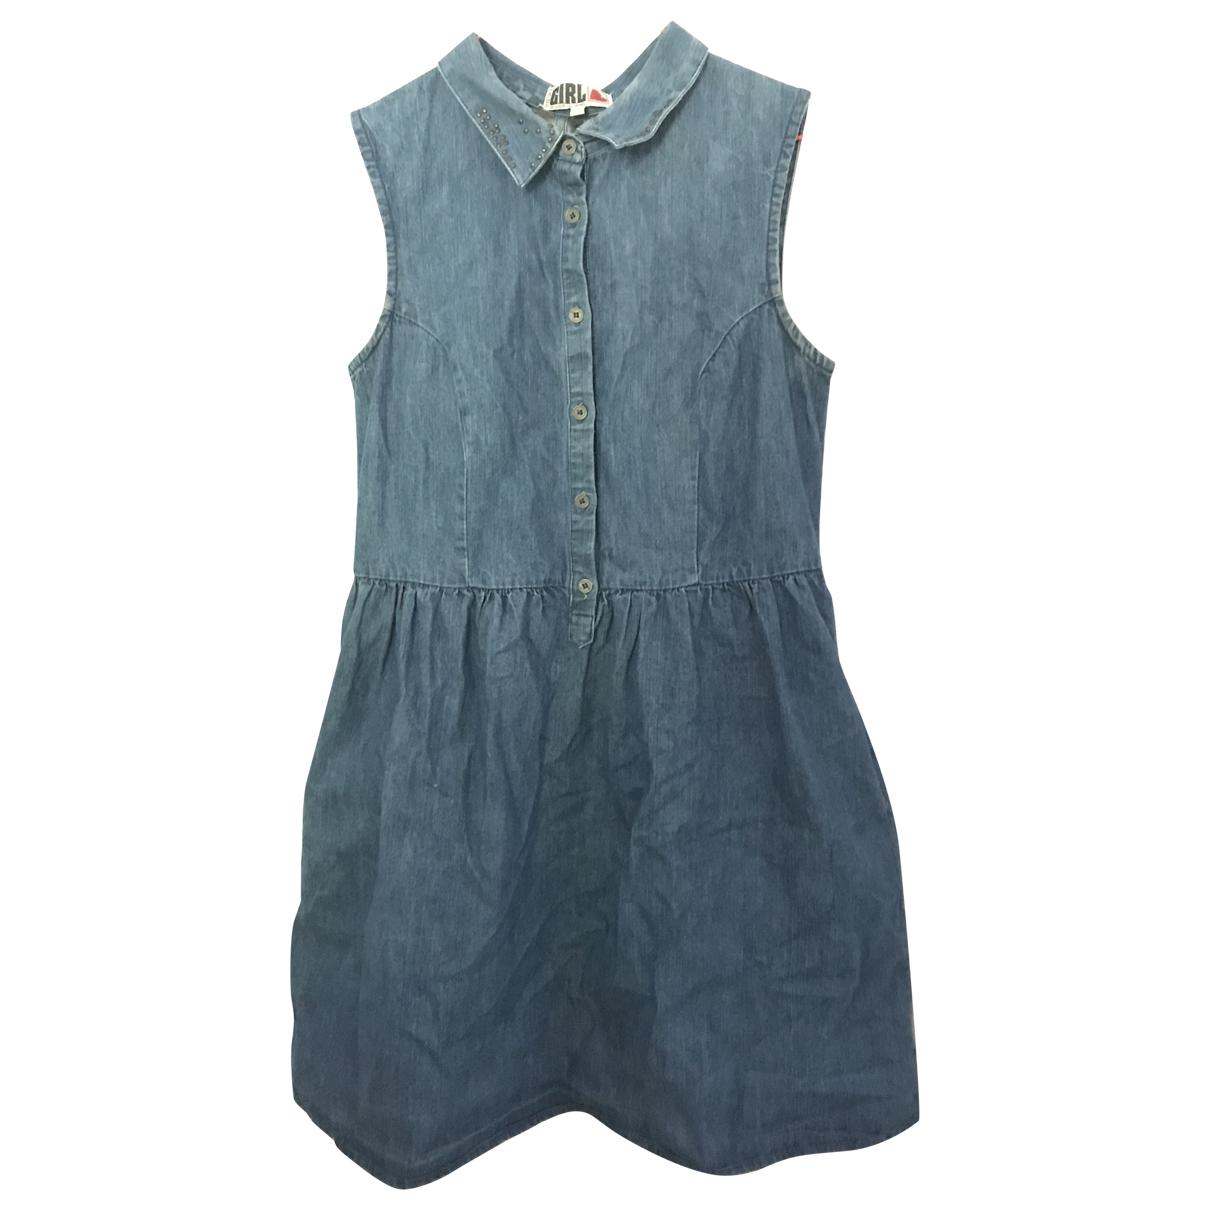 River Island \N Kleid in  Blau Denim - Jeans